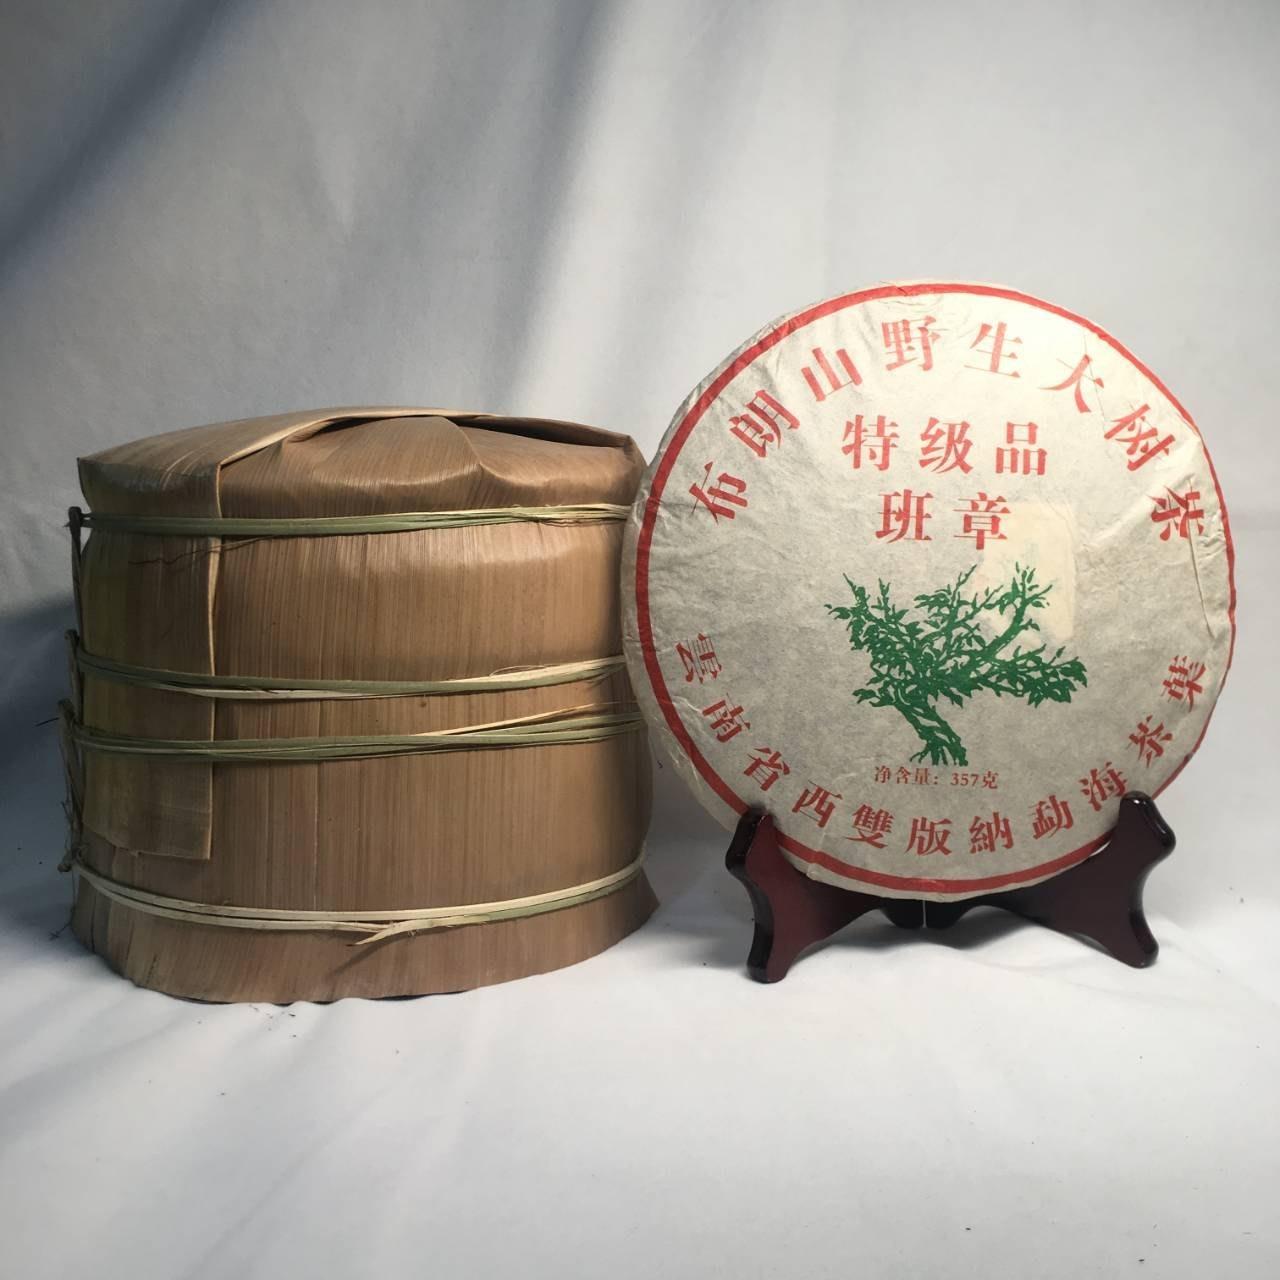 R㊣軒凌茶苑㊣-B993-青雲2009年班章特級品-生茶-357克-195元-